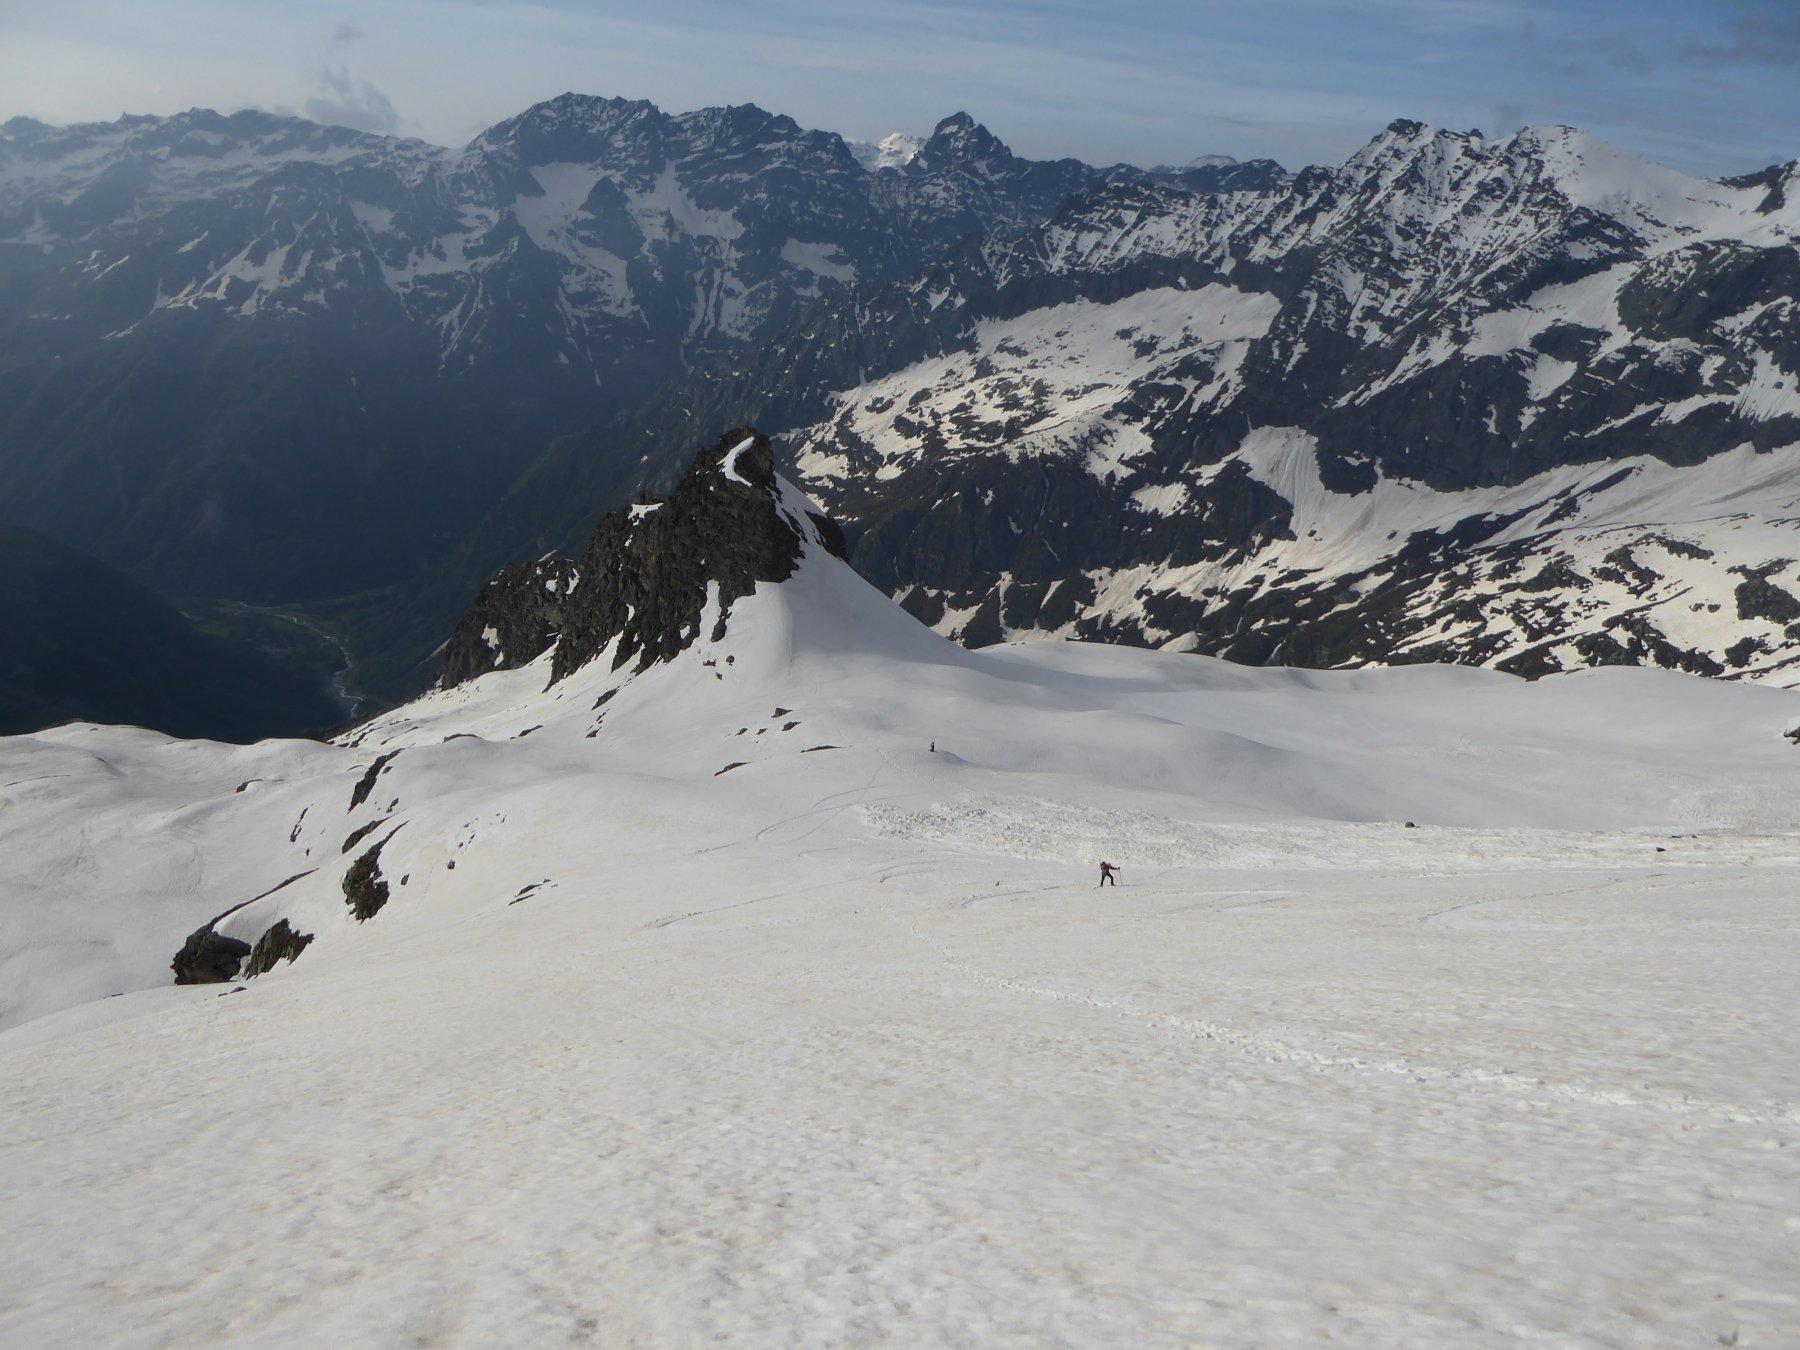 Levanna Orientale da Forno Alpi Graie 2018-06-03